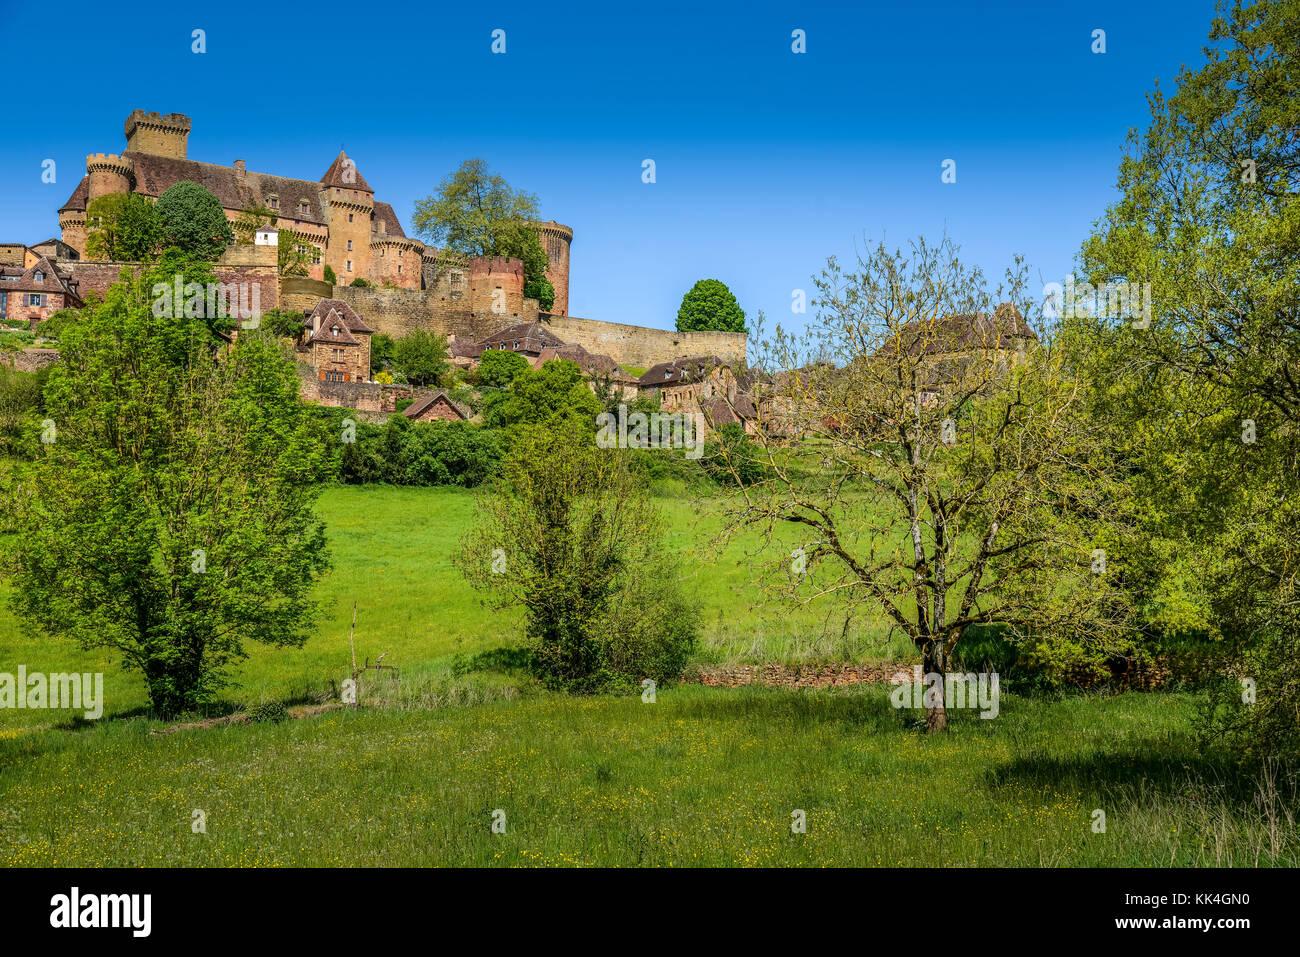 Bretenoux Castelnau medieval castle, lot, quercy,dordogne france Stock Photo